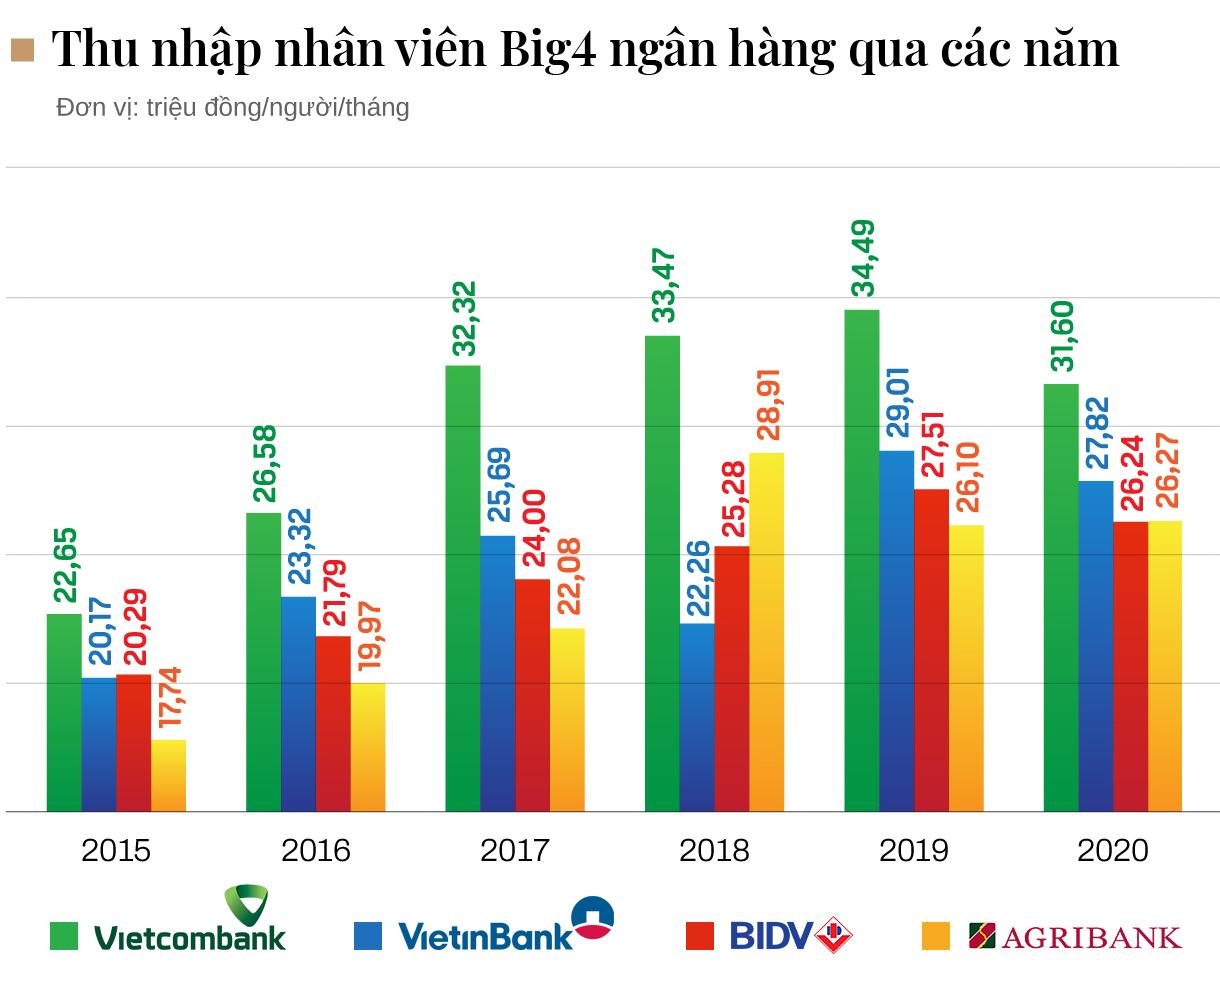 Thu nhập nhân viên Big4 ngân hàng thay đổi ra sao qua các năm - Ảnh 1.